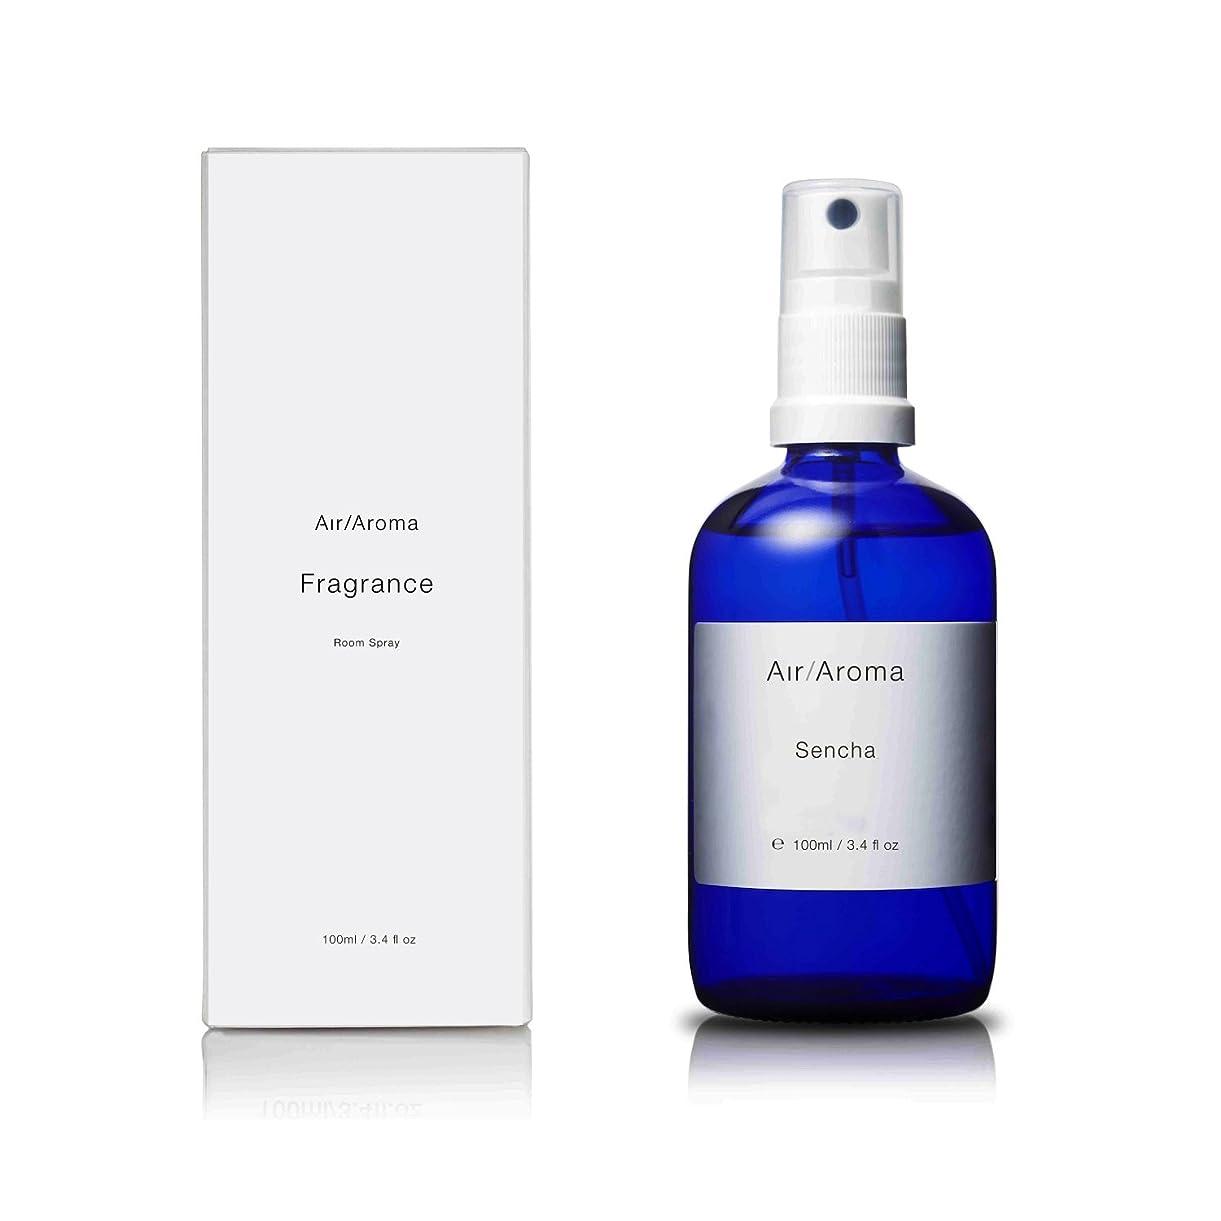 と組むするだろうテレビエアアロマ sencha room fragrance(センチャ ルームフレグランス)100ml